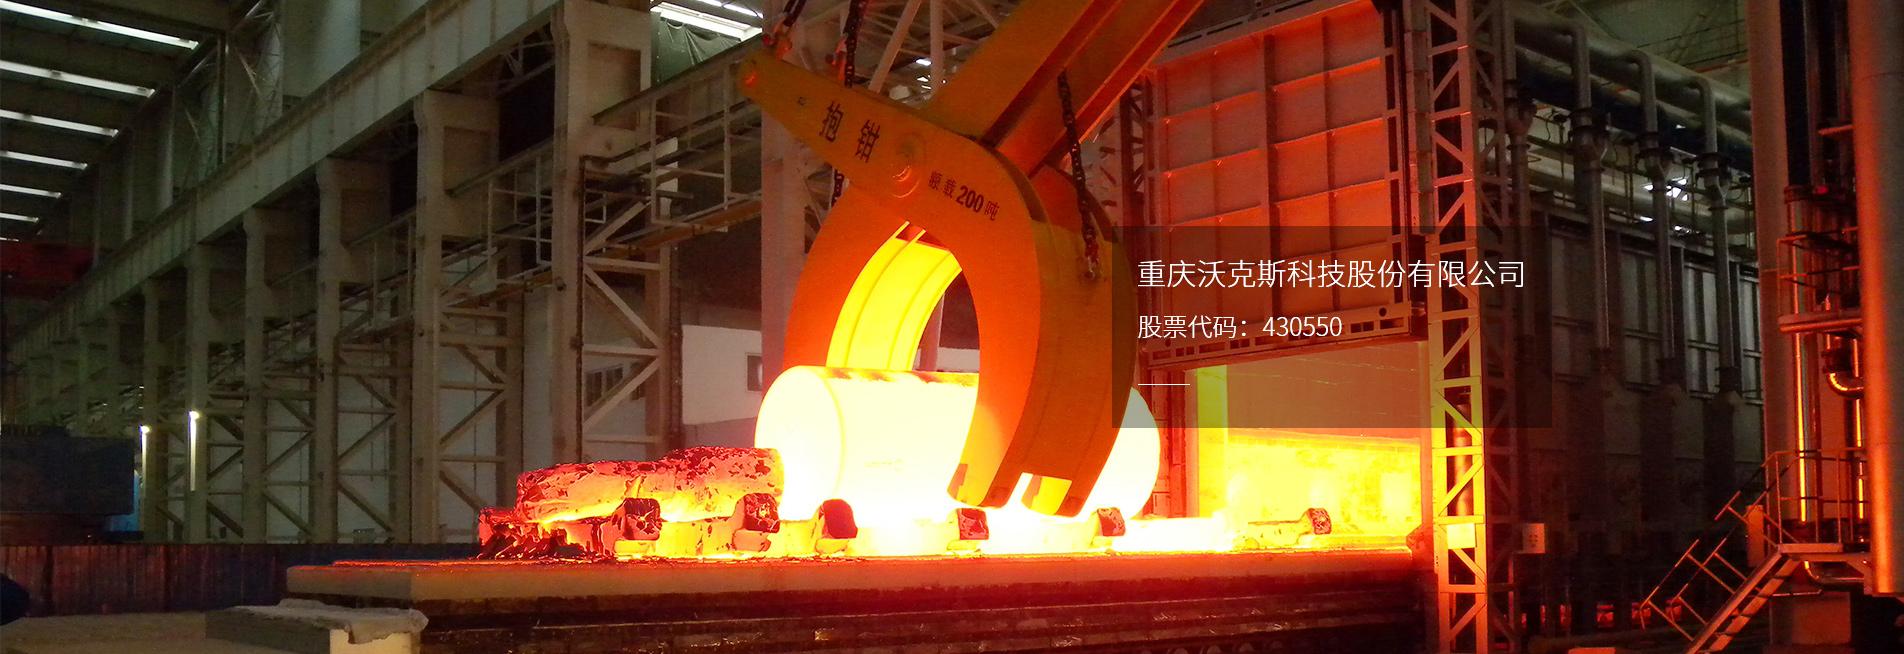 工业炉厂家